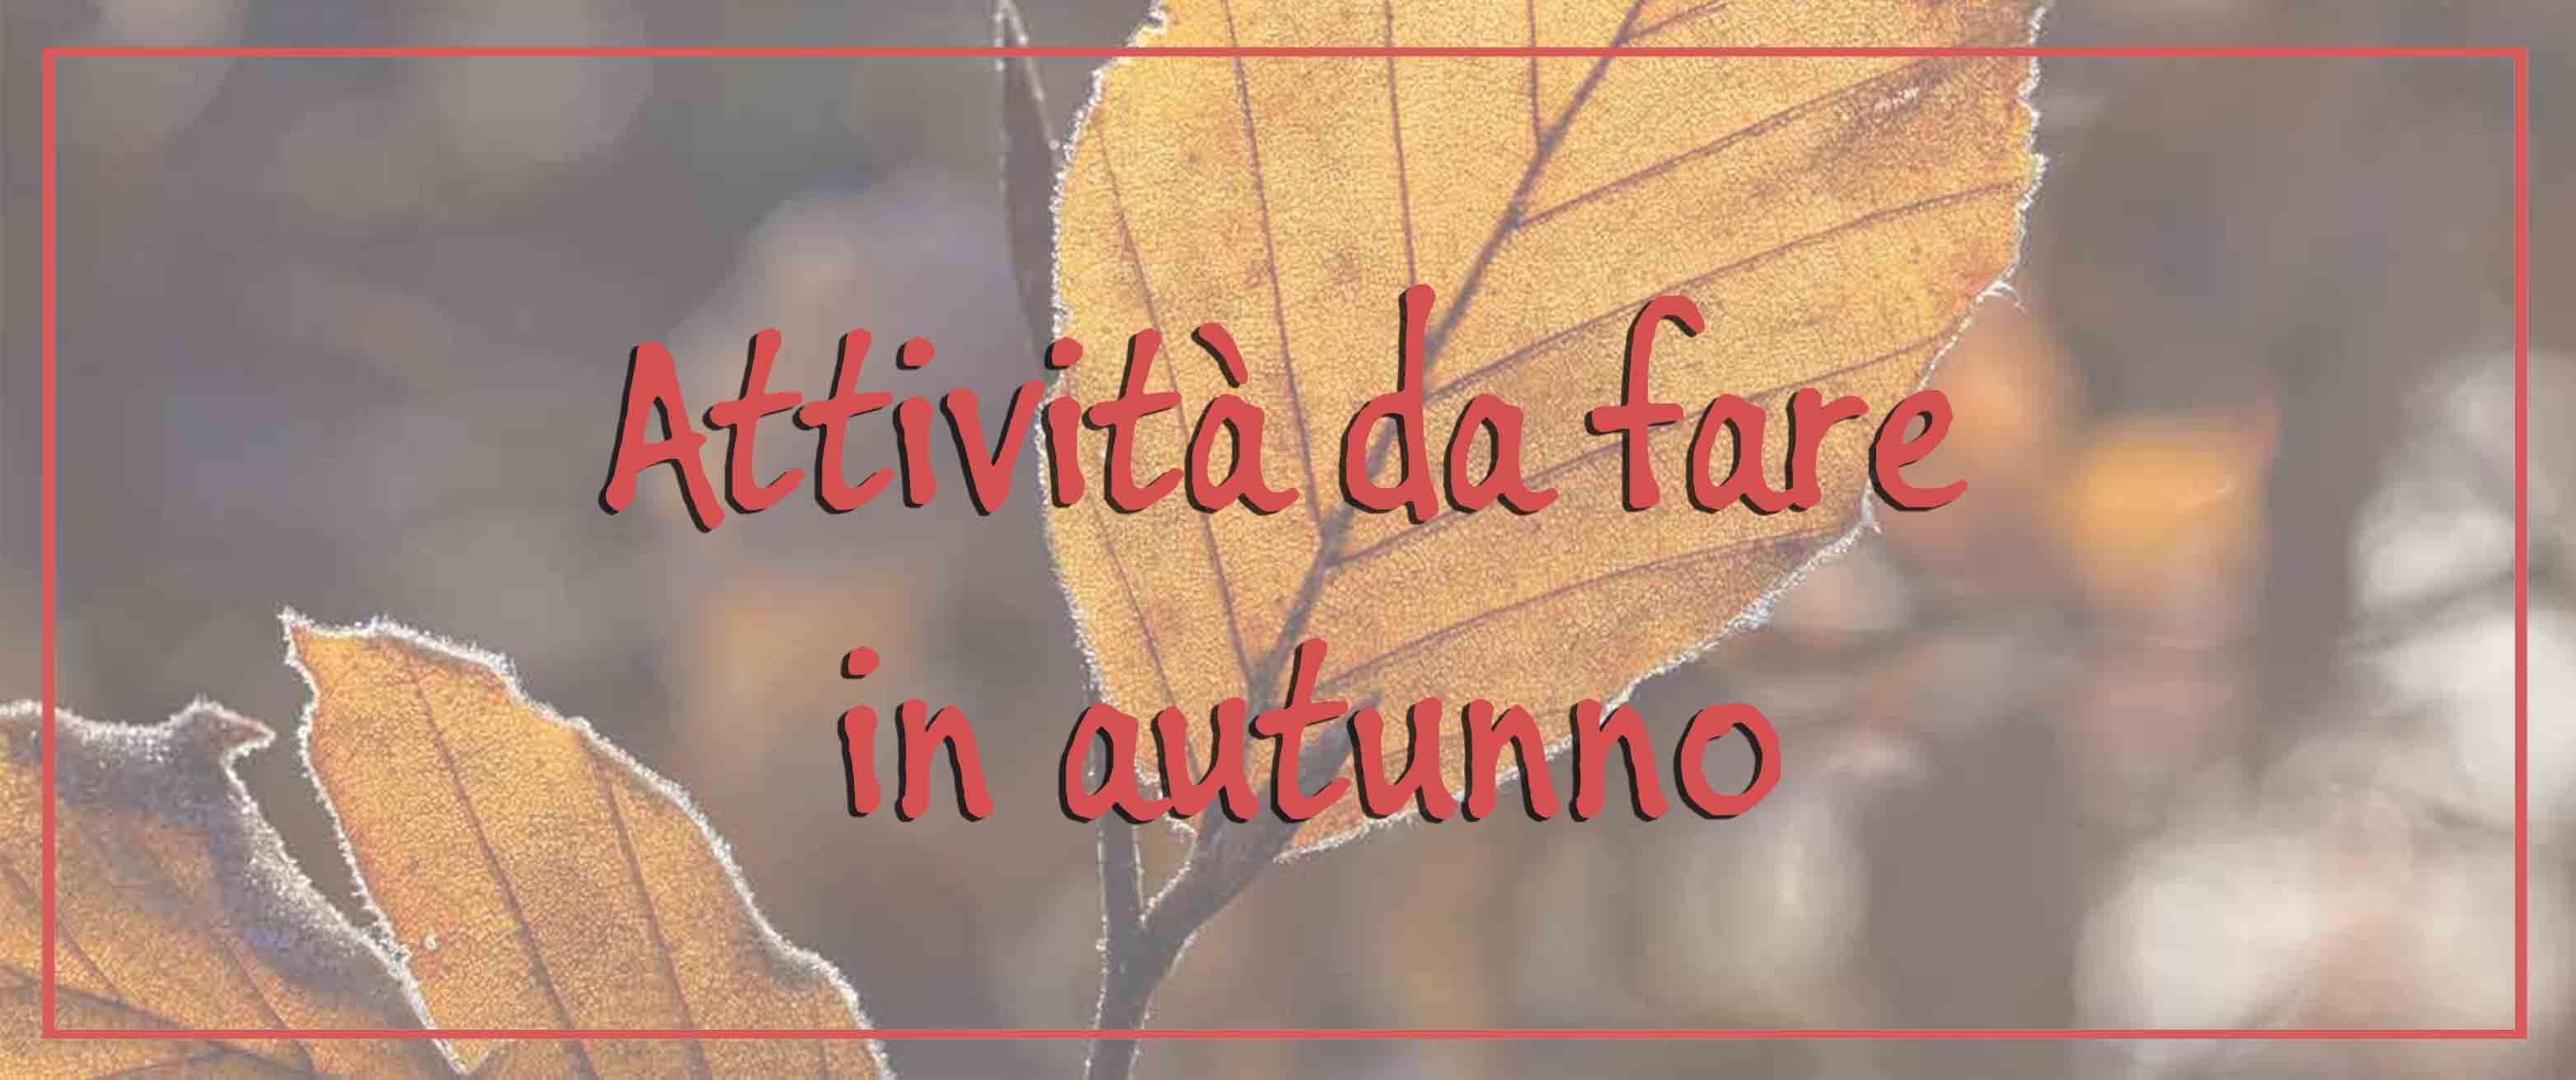 Attività da fare in autunno